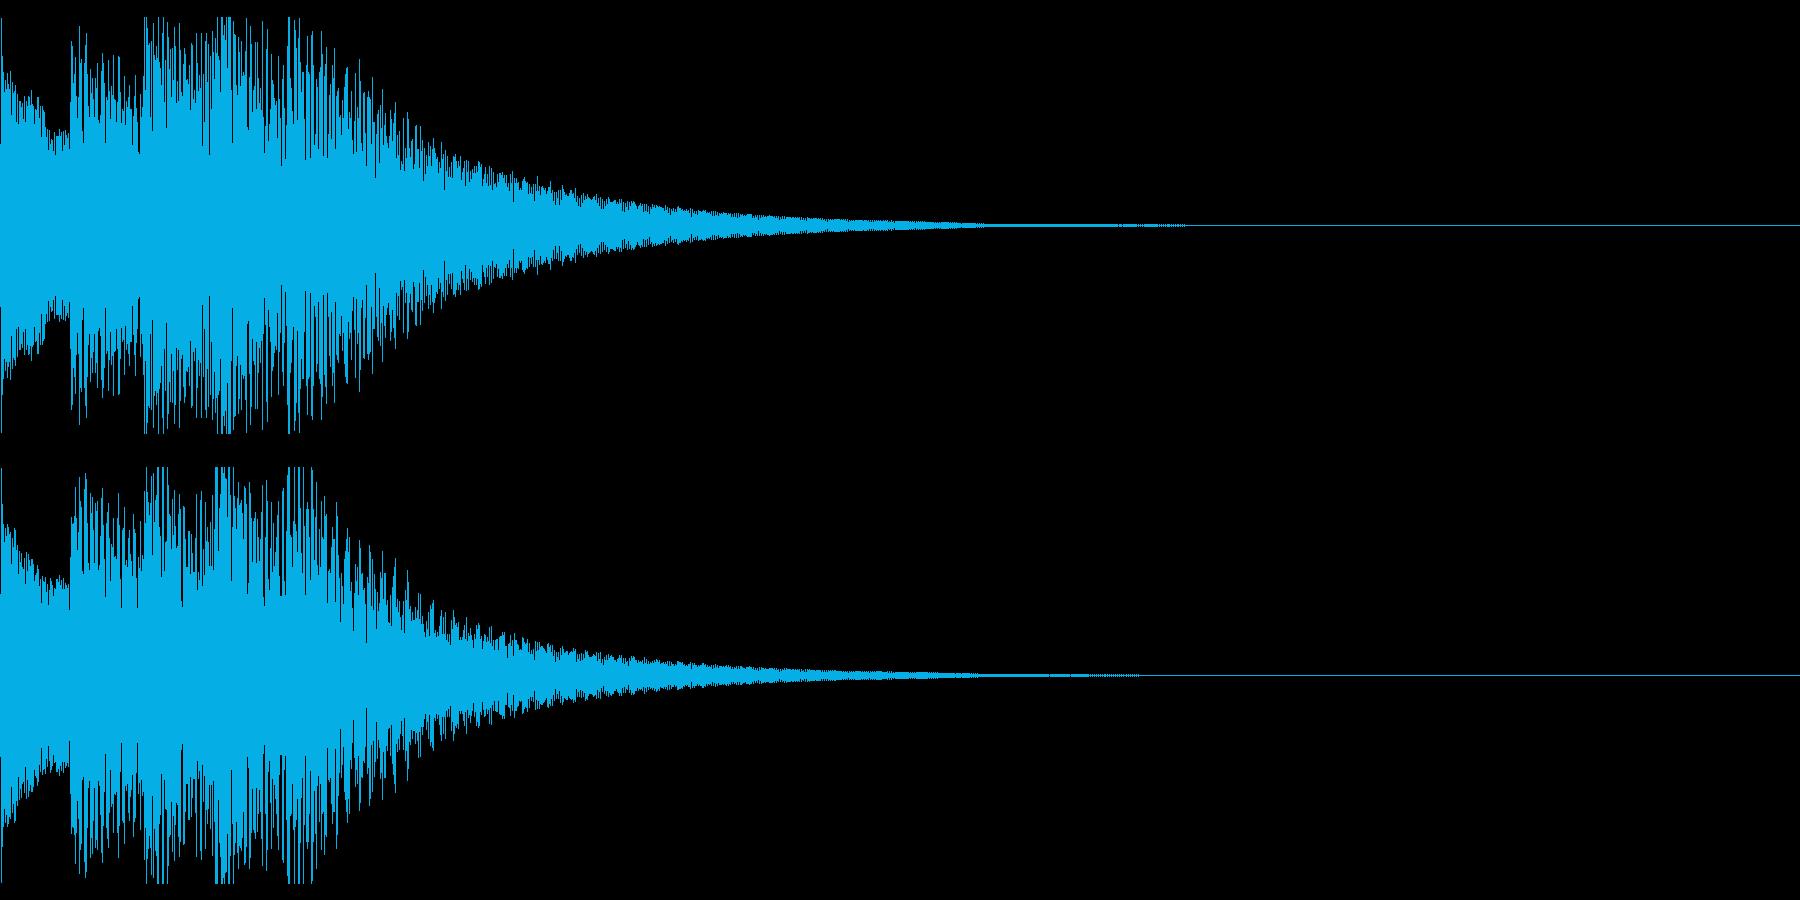 アイテム取得音2の再生済みの波形